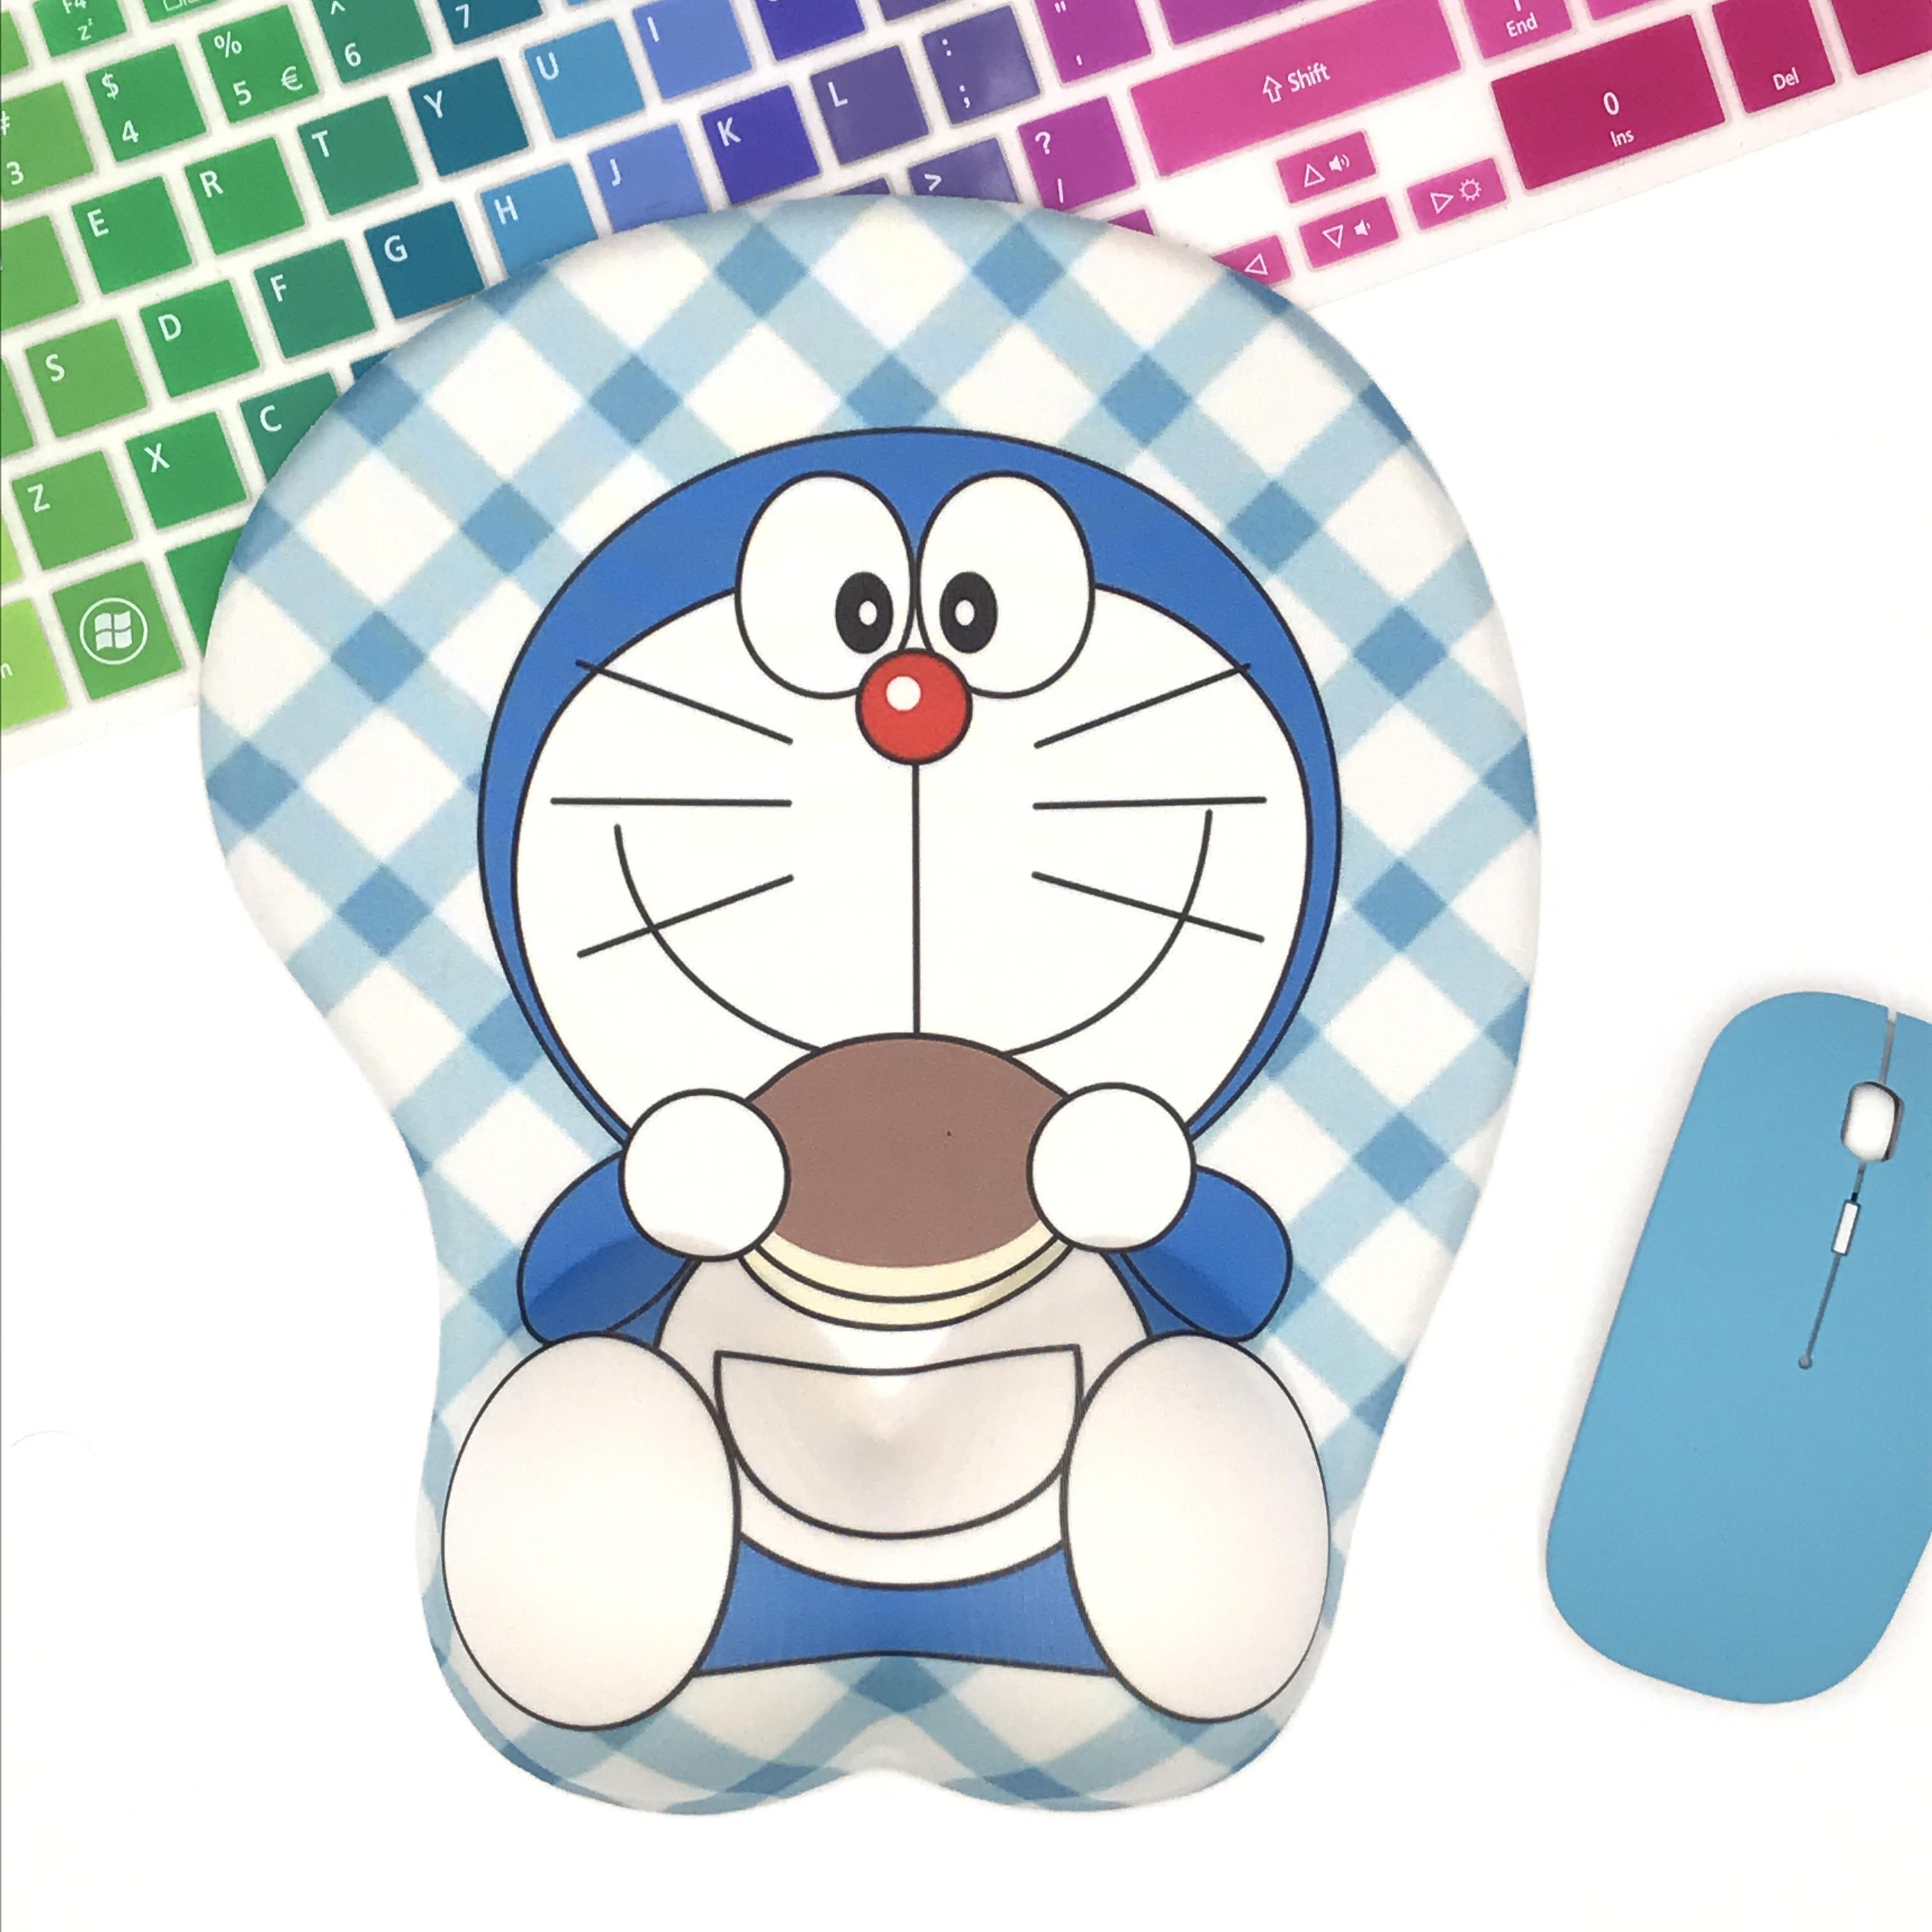 萌物创意硅胶哆啦a梦可爱鼠标垫有赠品